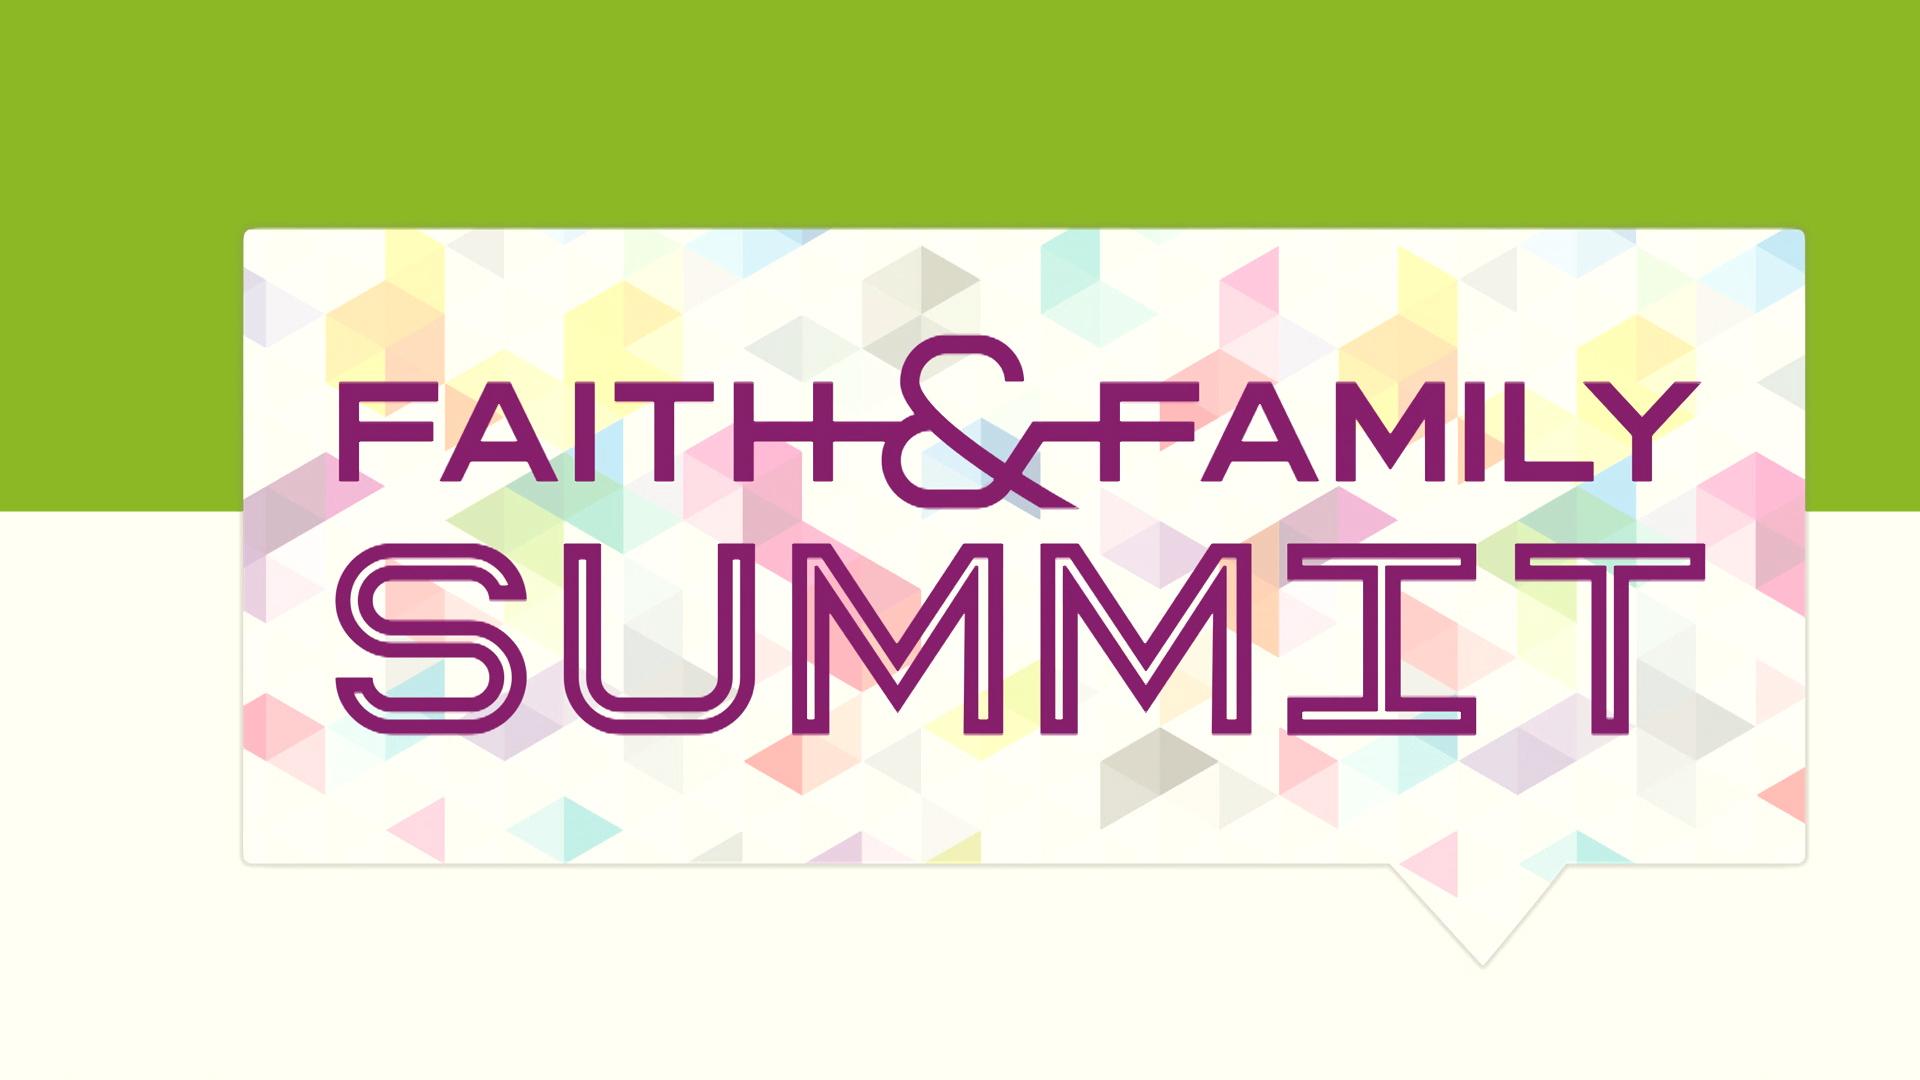 Faith and Family Summit 2016